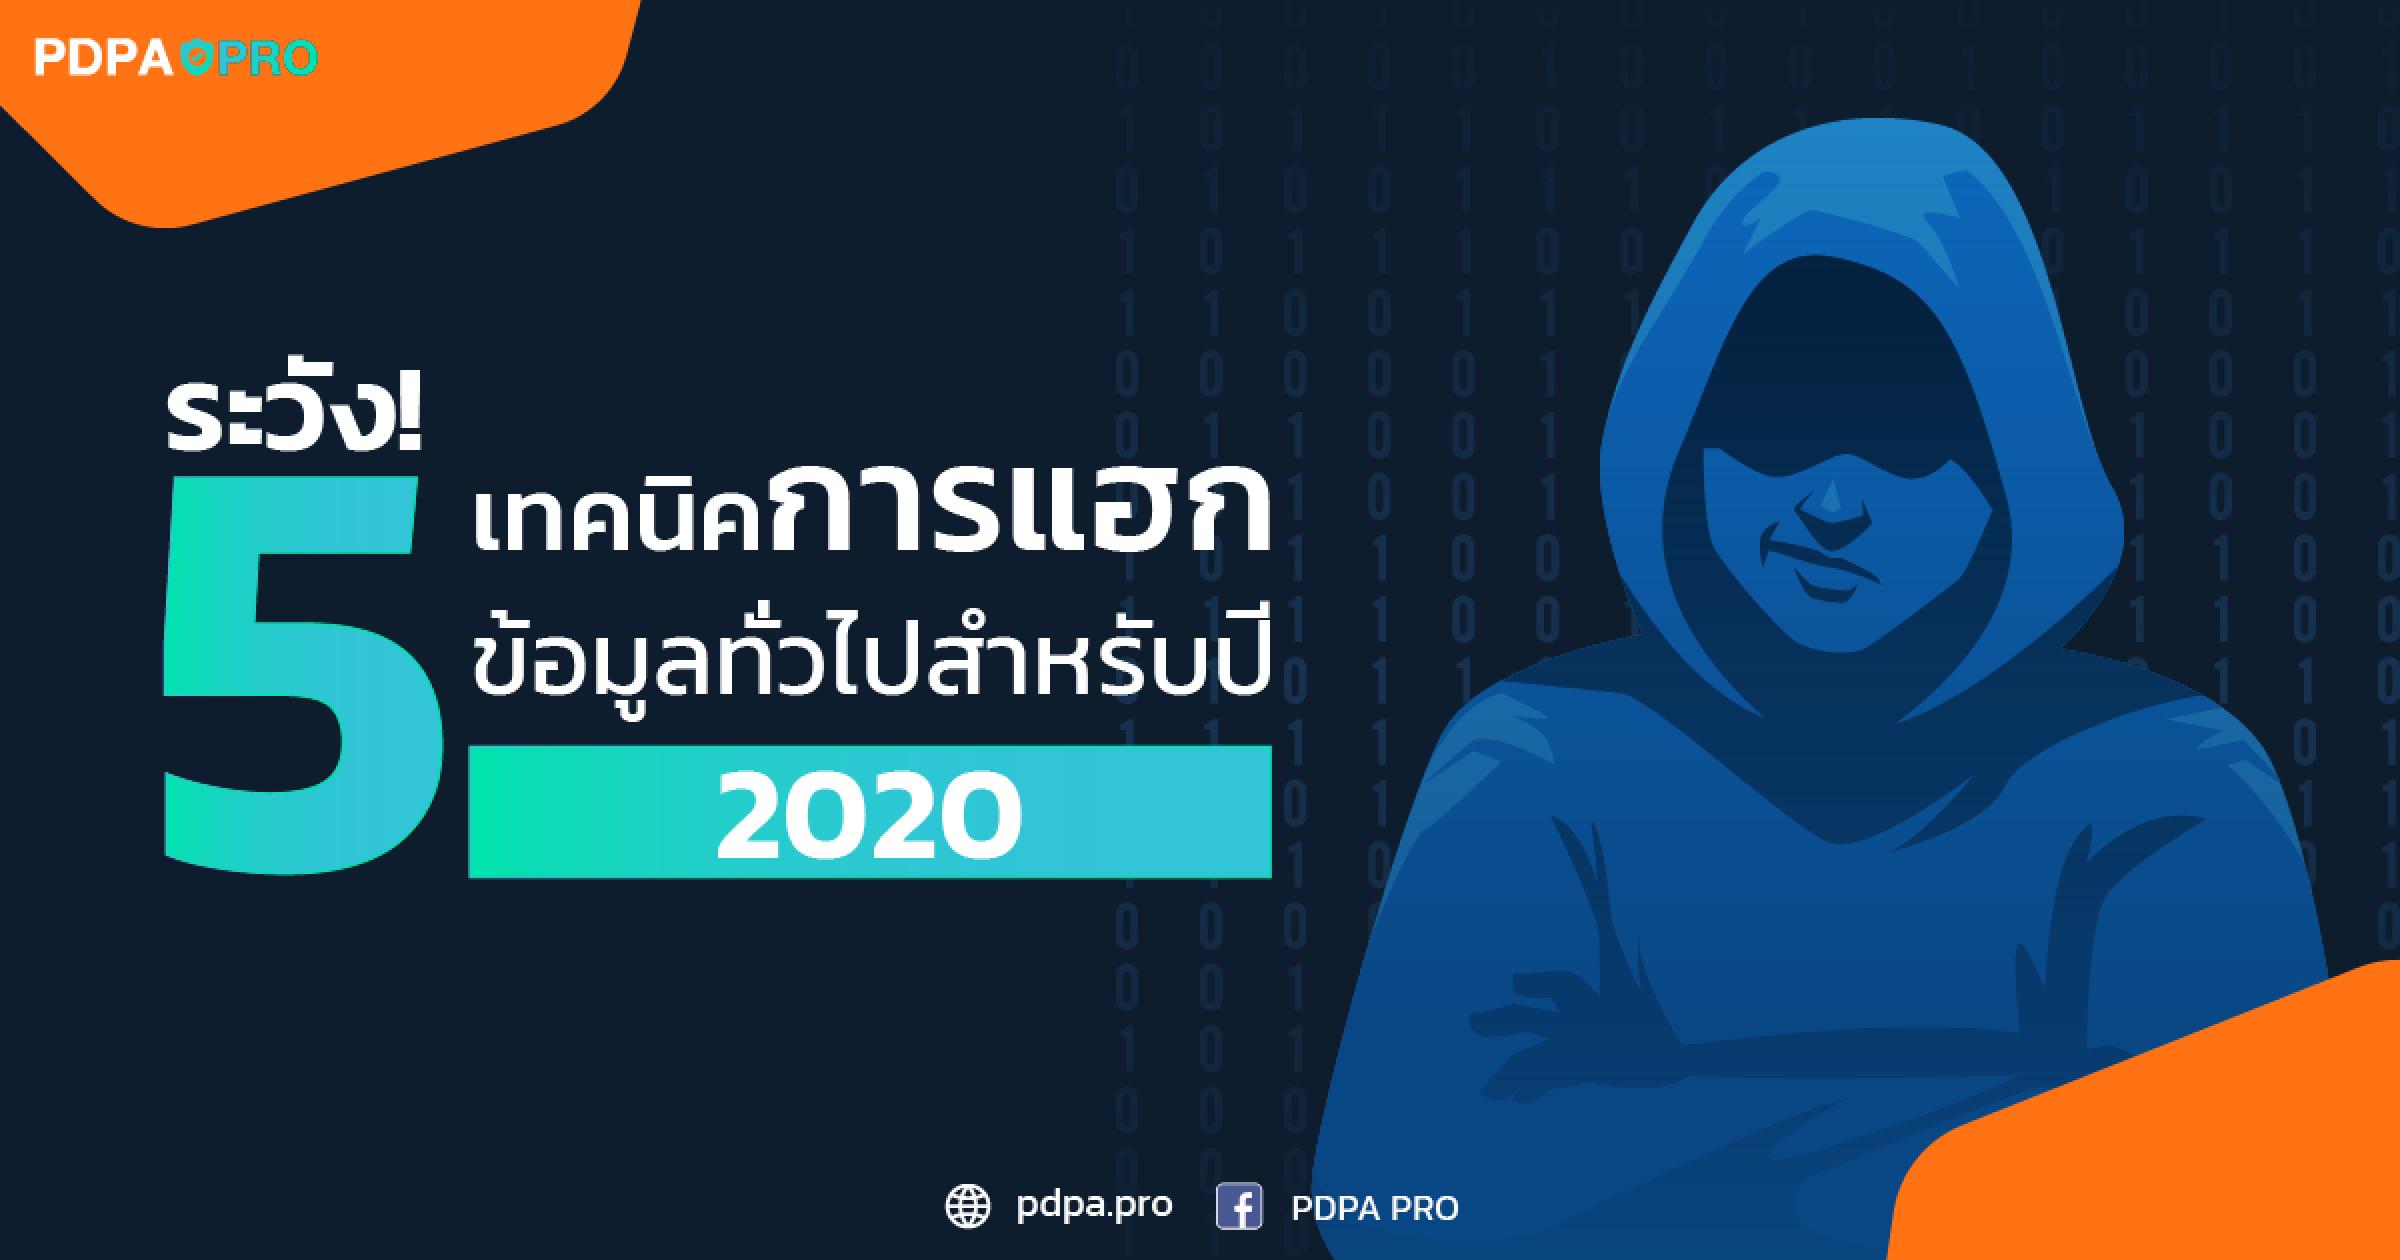 พึงระวัง! 5 เทคนิคการแฮกข้อมูลทั่วไปสำหรับปี 2020